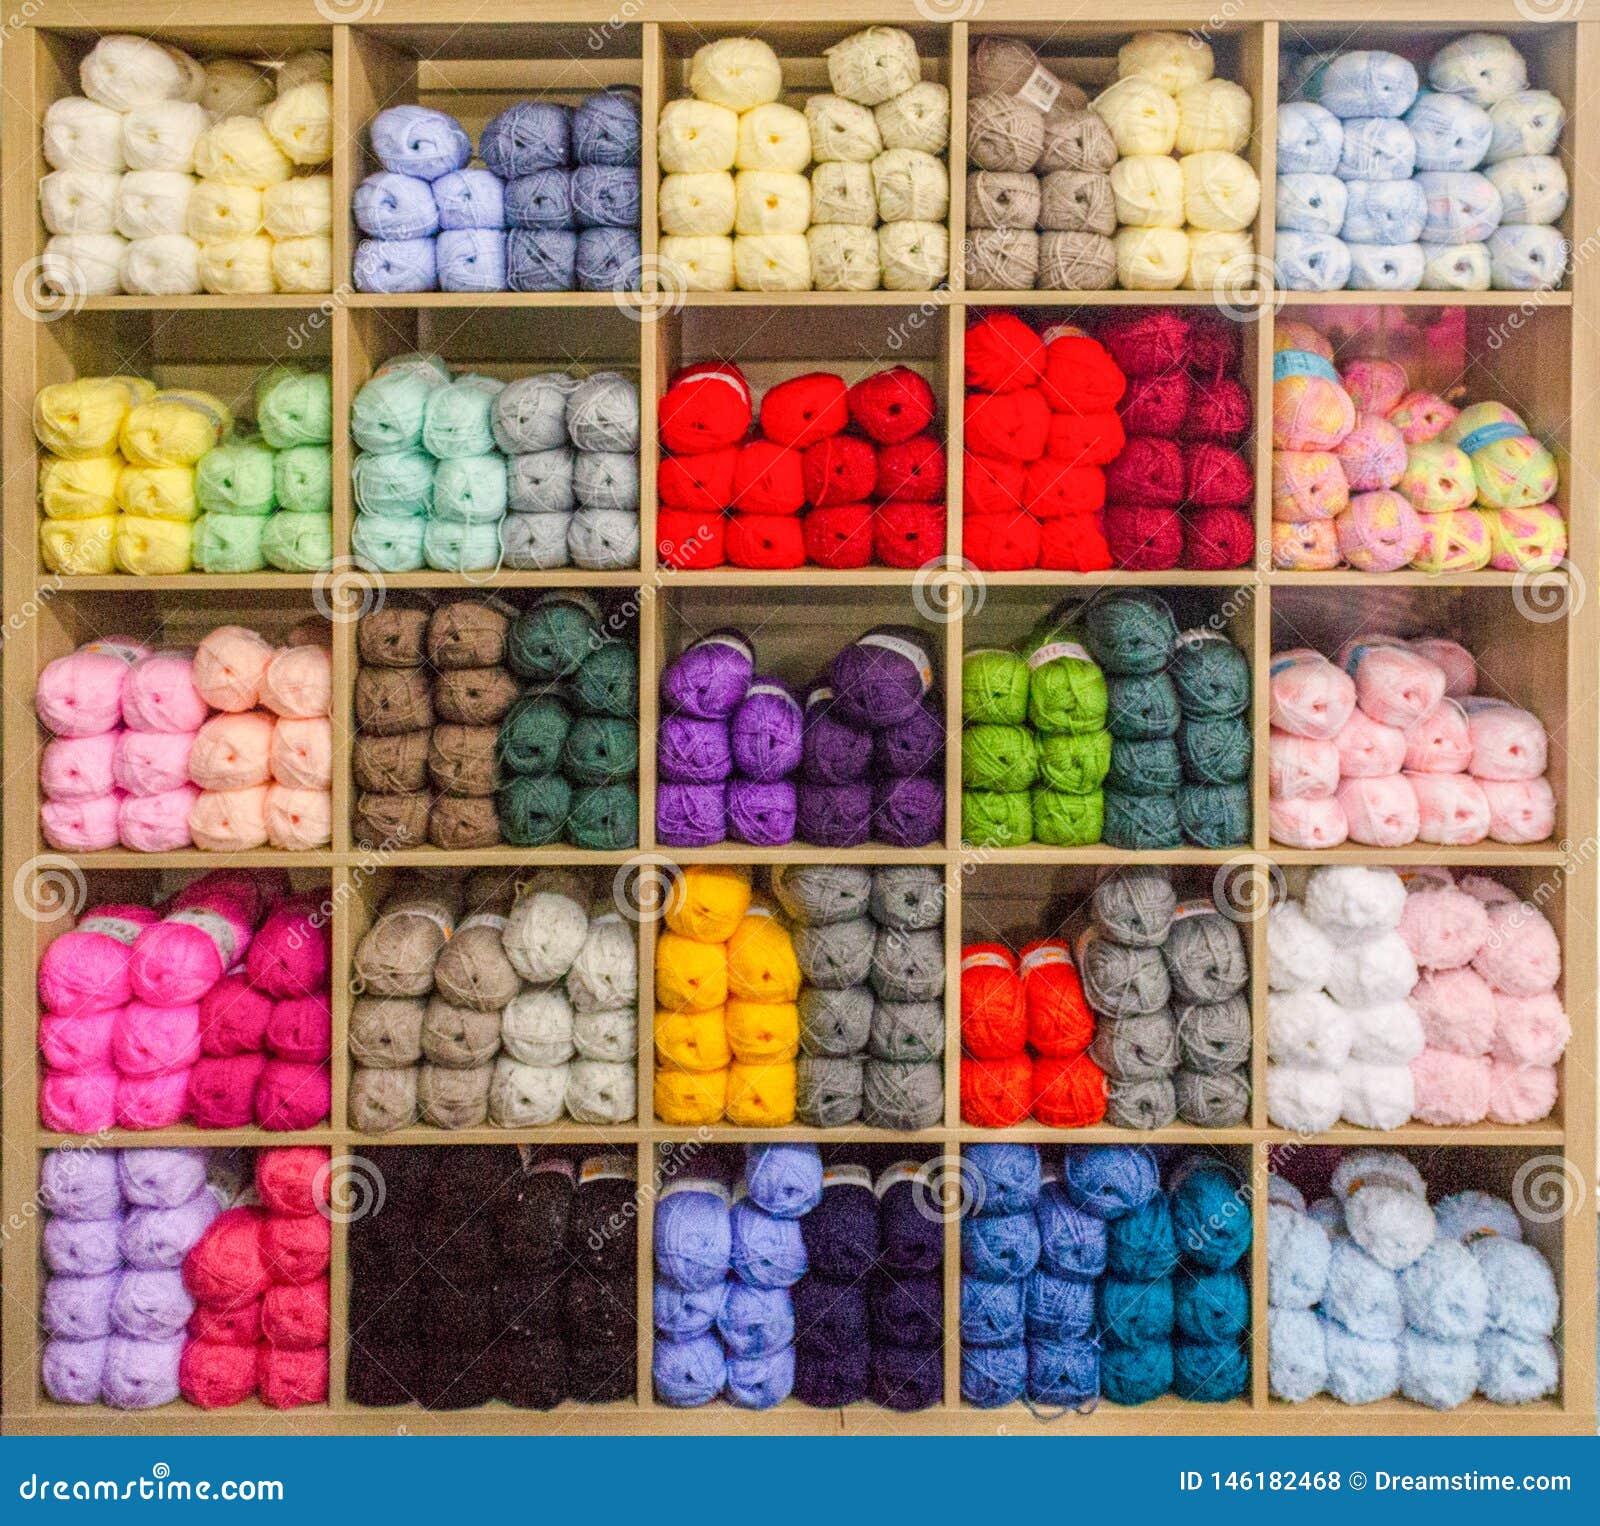 Telling a multi-coloured yarn